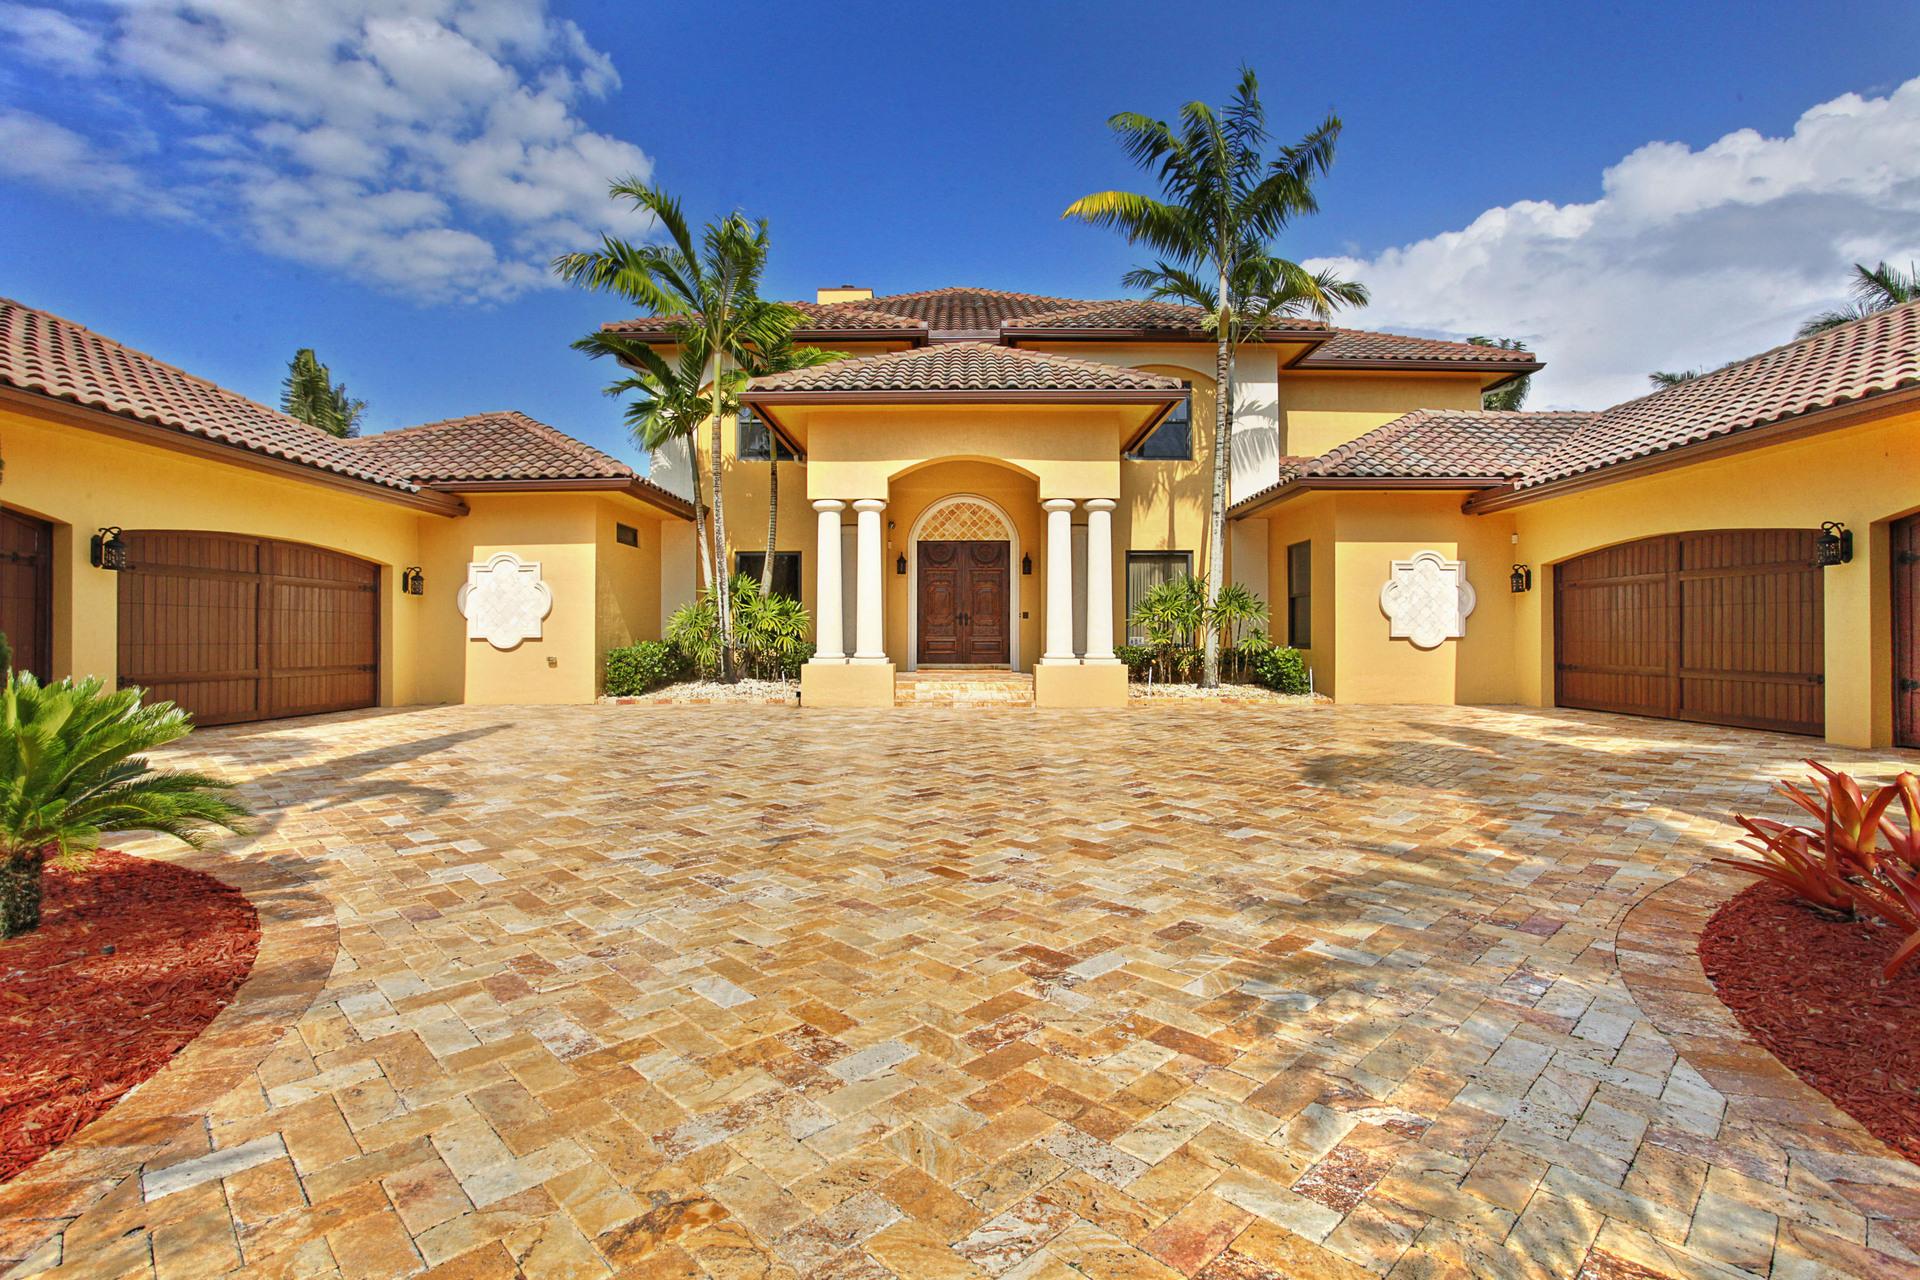 Casa Unifamiliar por un Venta en 4052 E Ridgeview Dr Davie, Florida, 33330 Estados Unidos